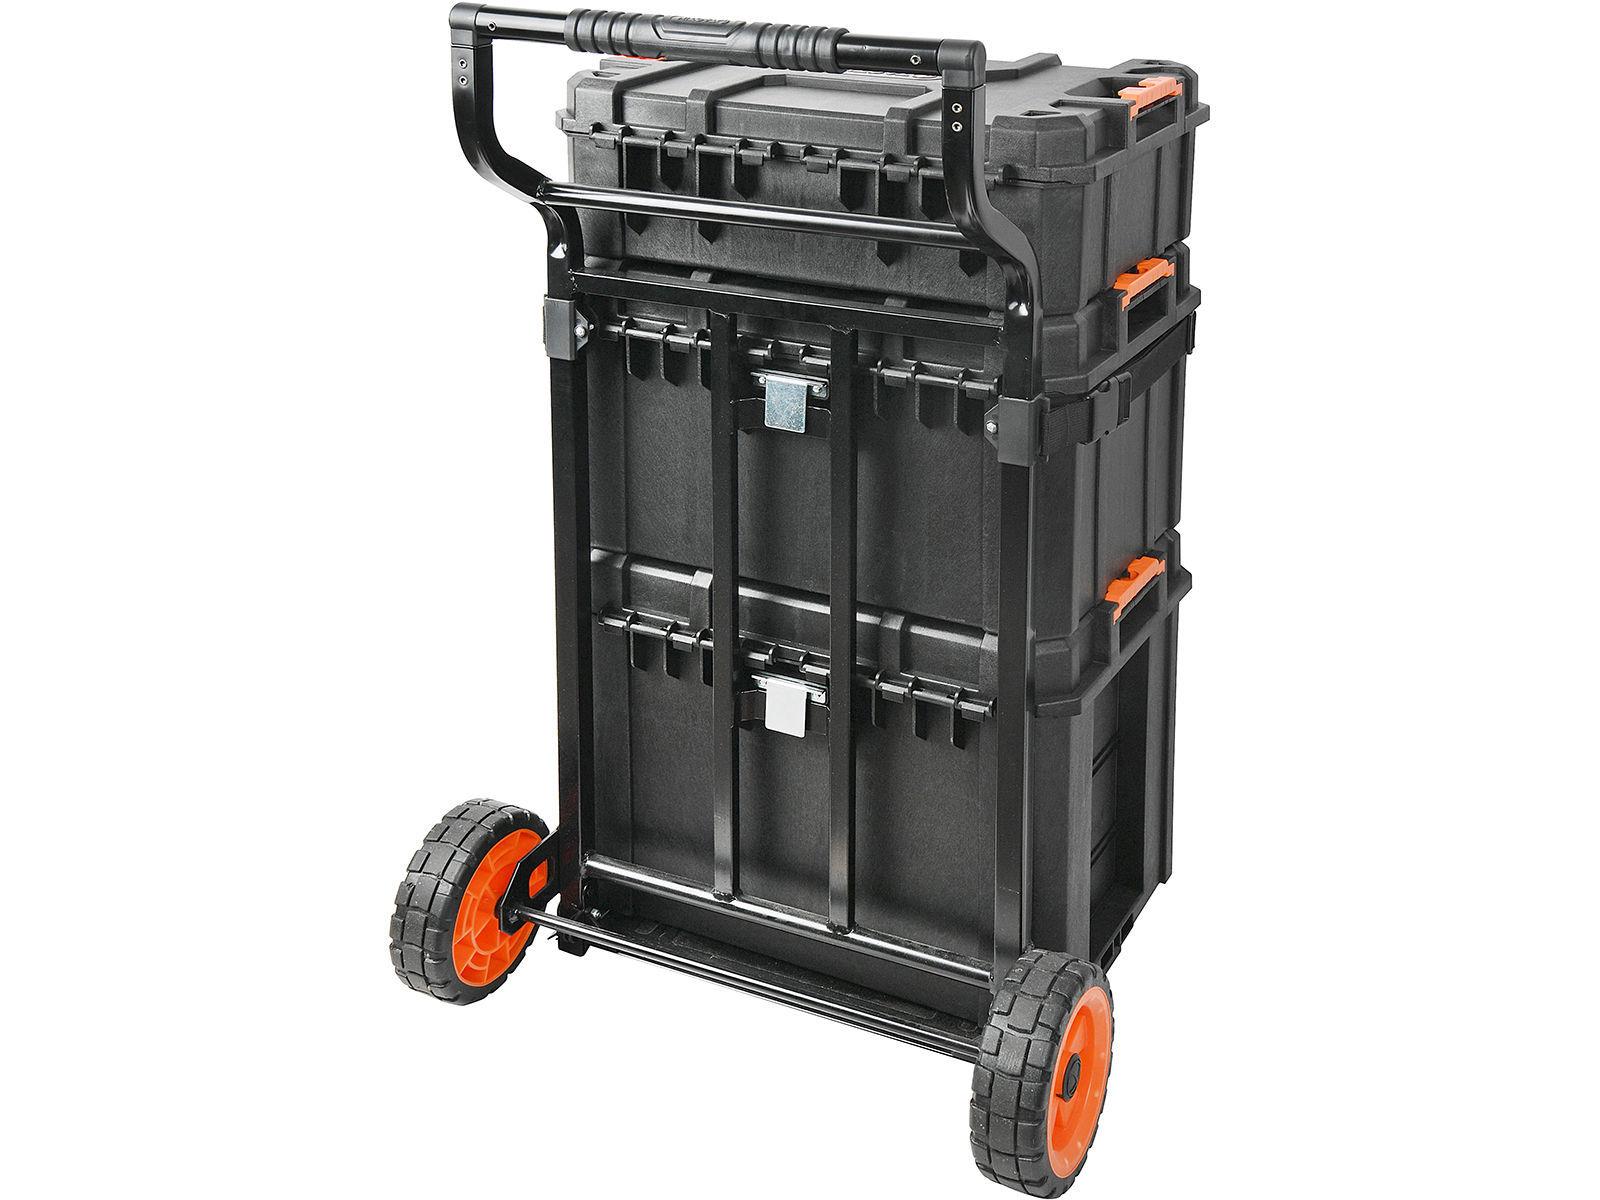 Bilde av Tralle for modul verktøykoffert (Modul)